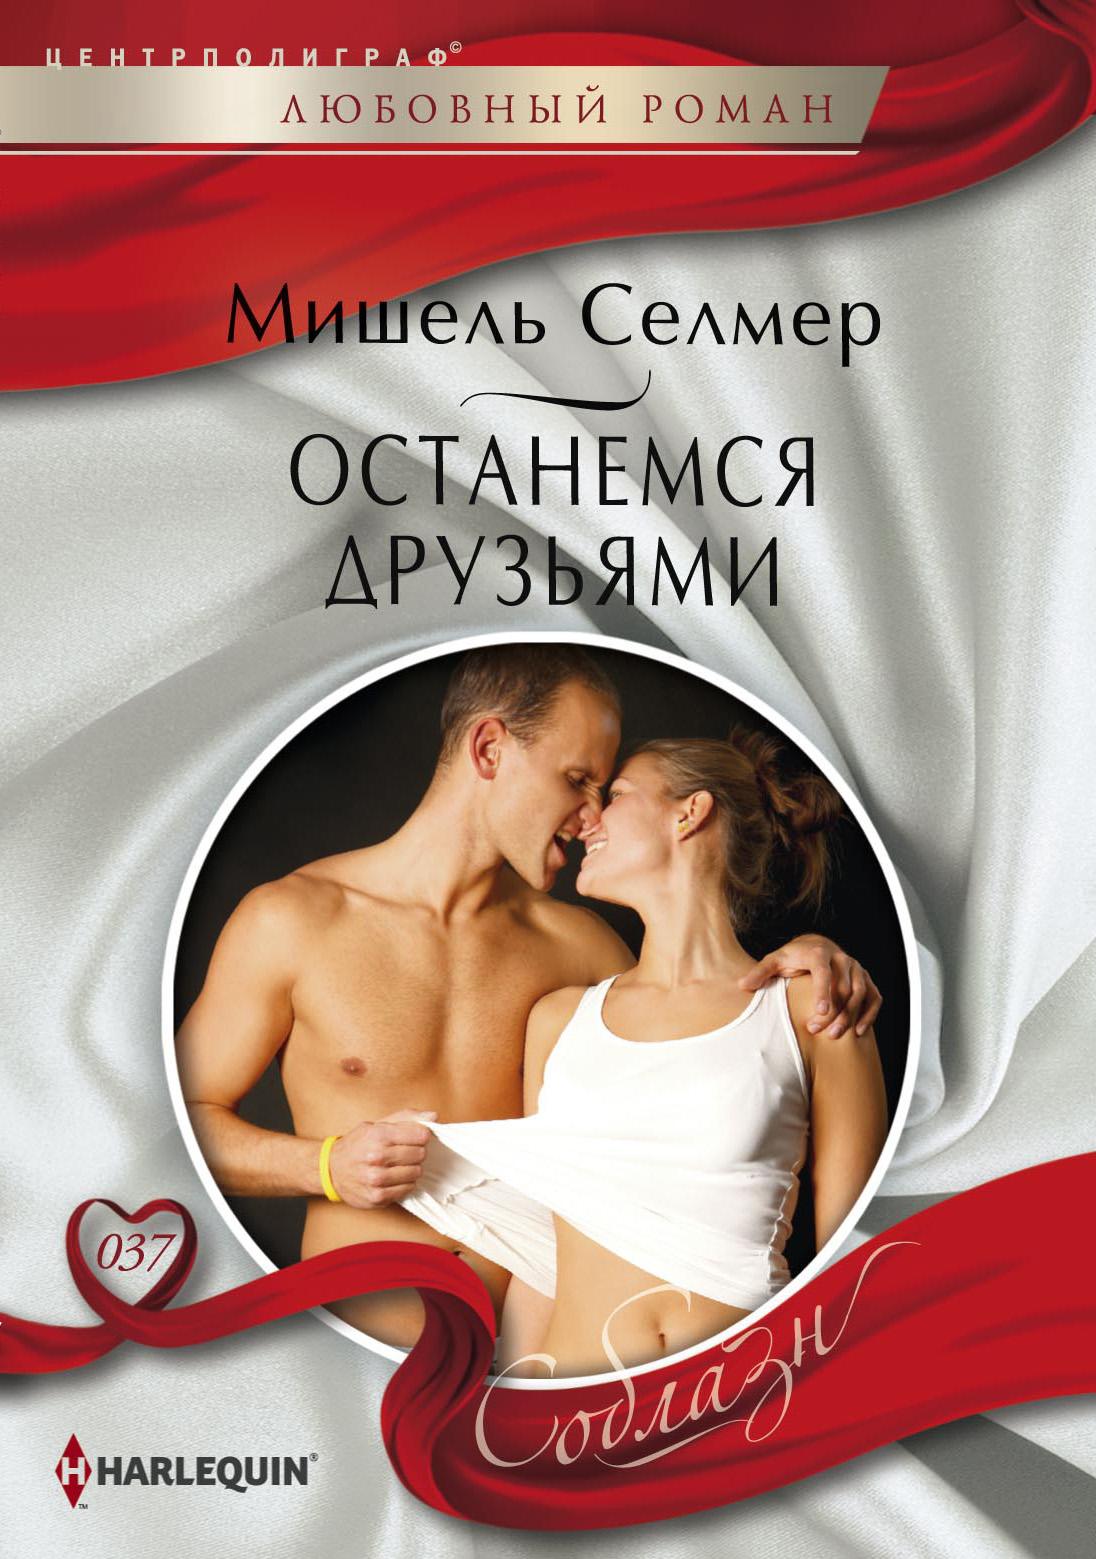 Мишель Селмер Останемся друзьями тарифный план